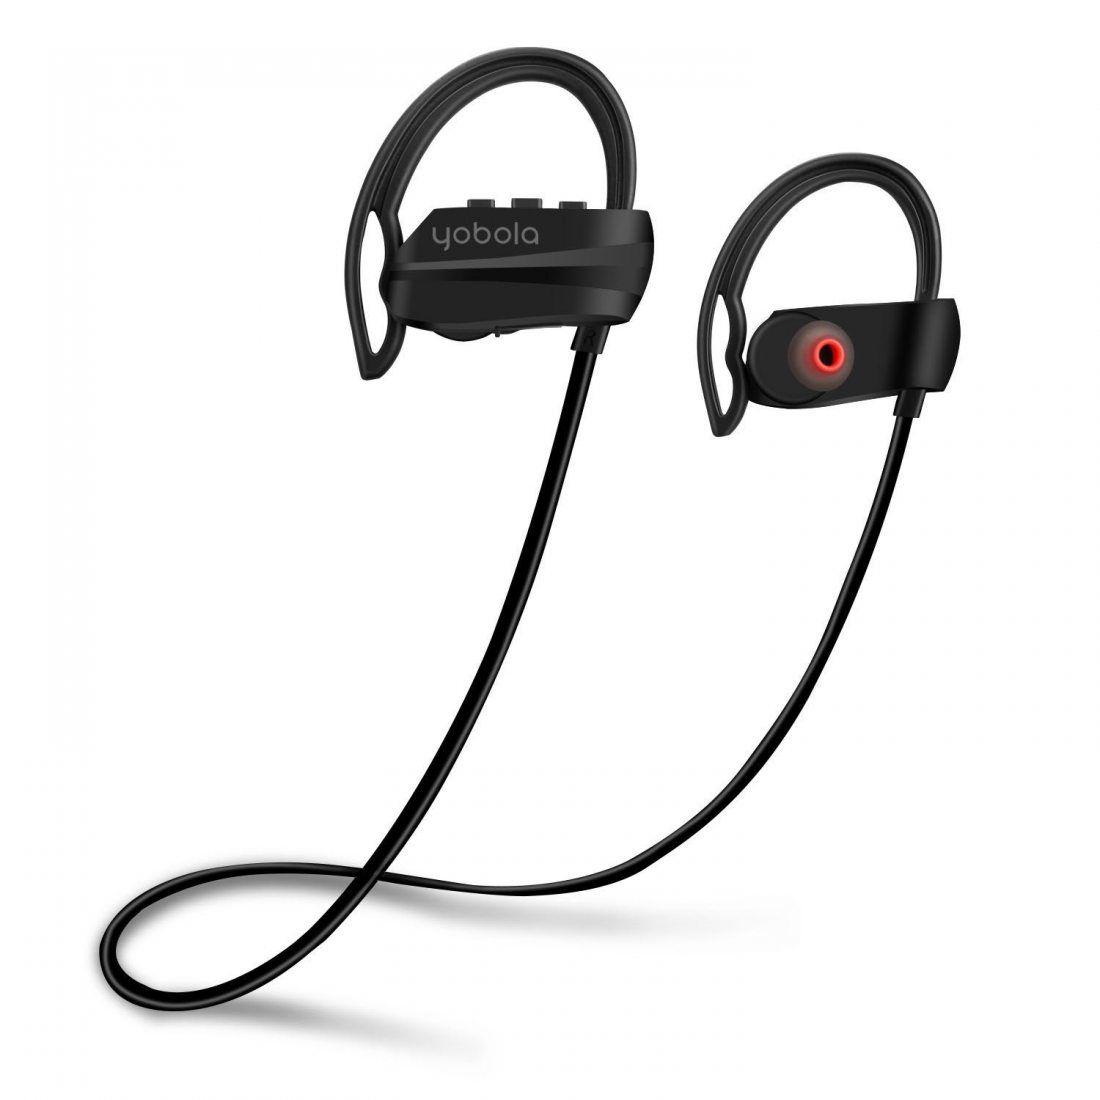 Yobola Ultra Longue Autonomie Écouteurs Bluetooth 4.1 Sans Fil Oreillette Intra Auriculaire Casque Sport Etanche Réduction du